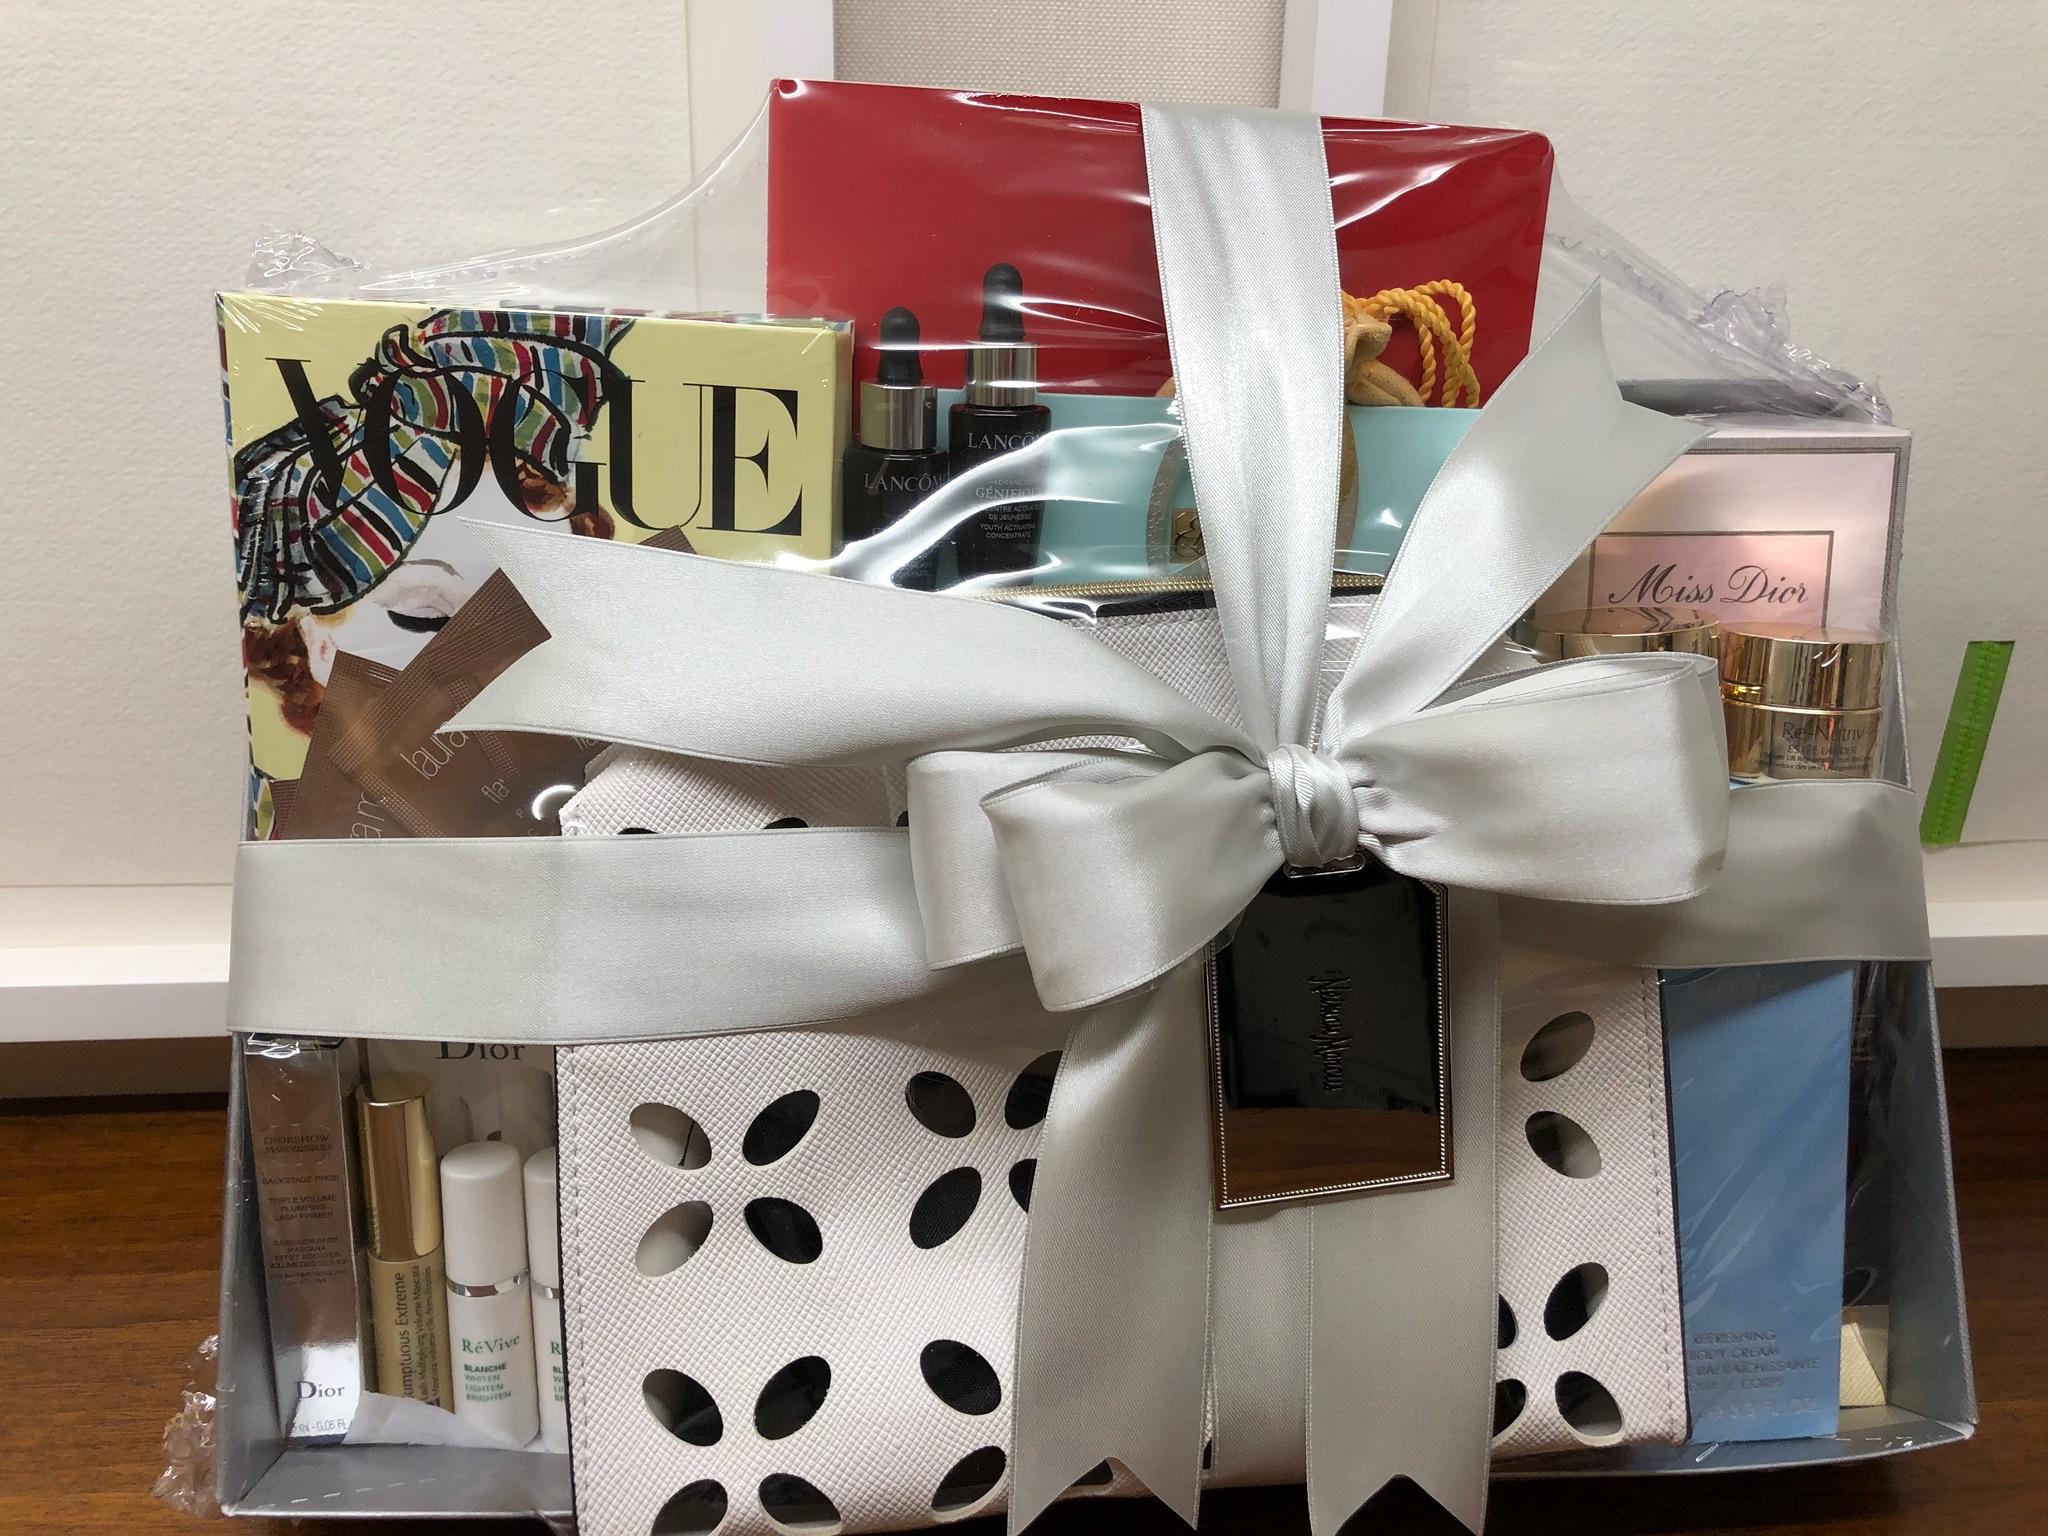 Neiman Marcus Gift Basket